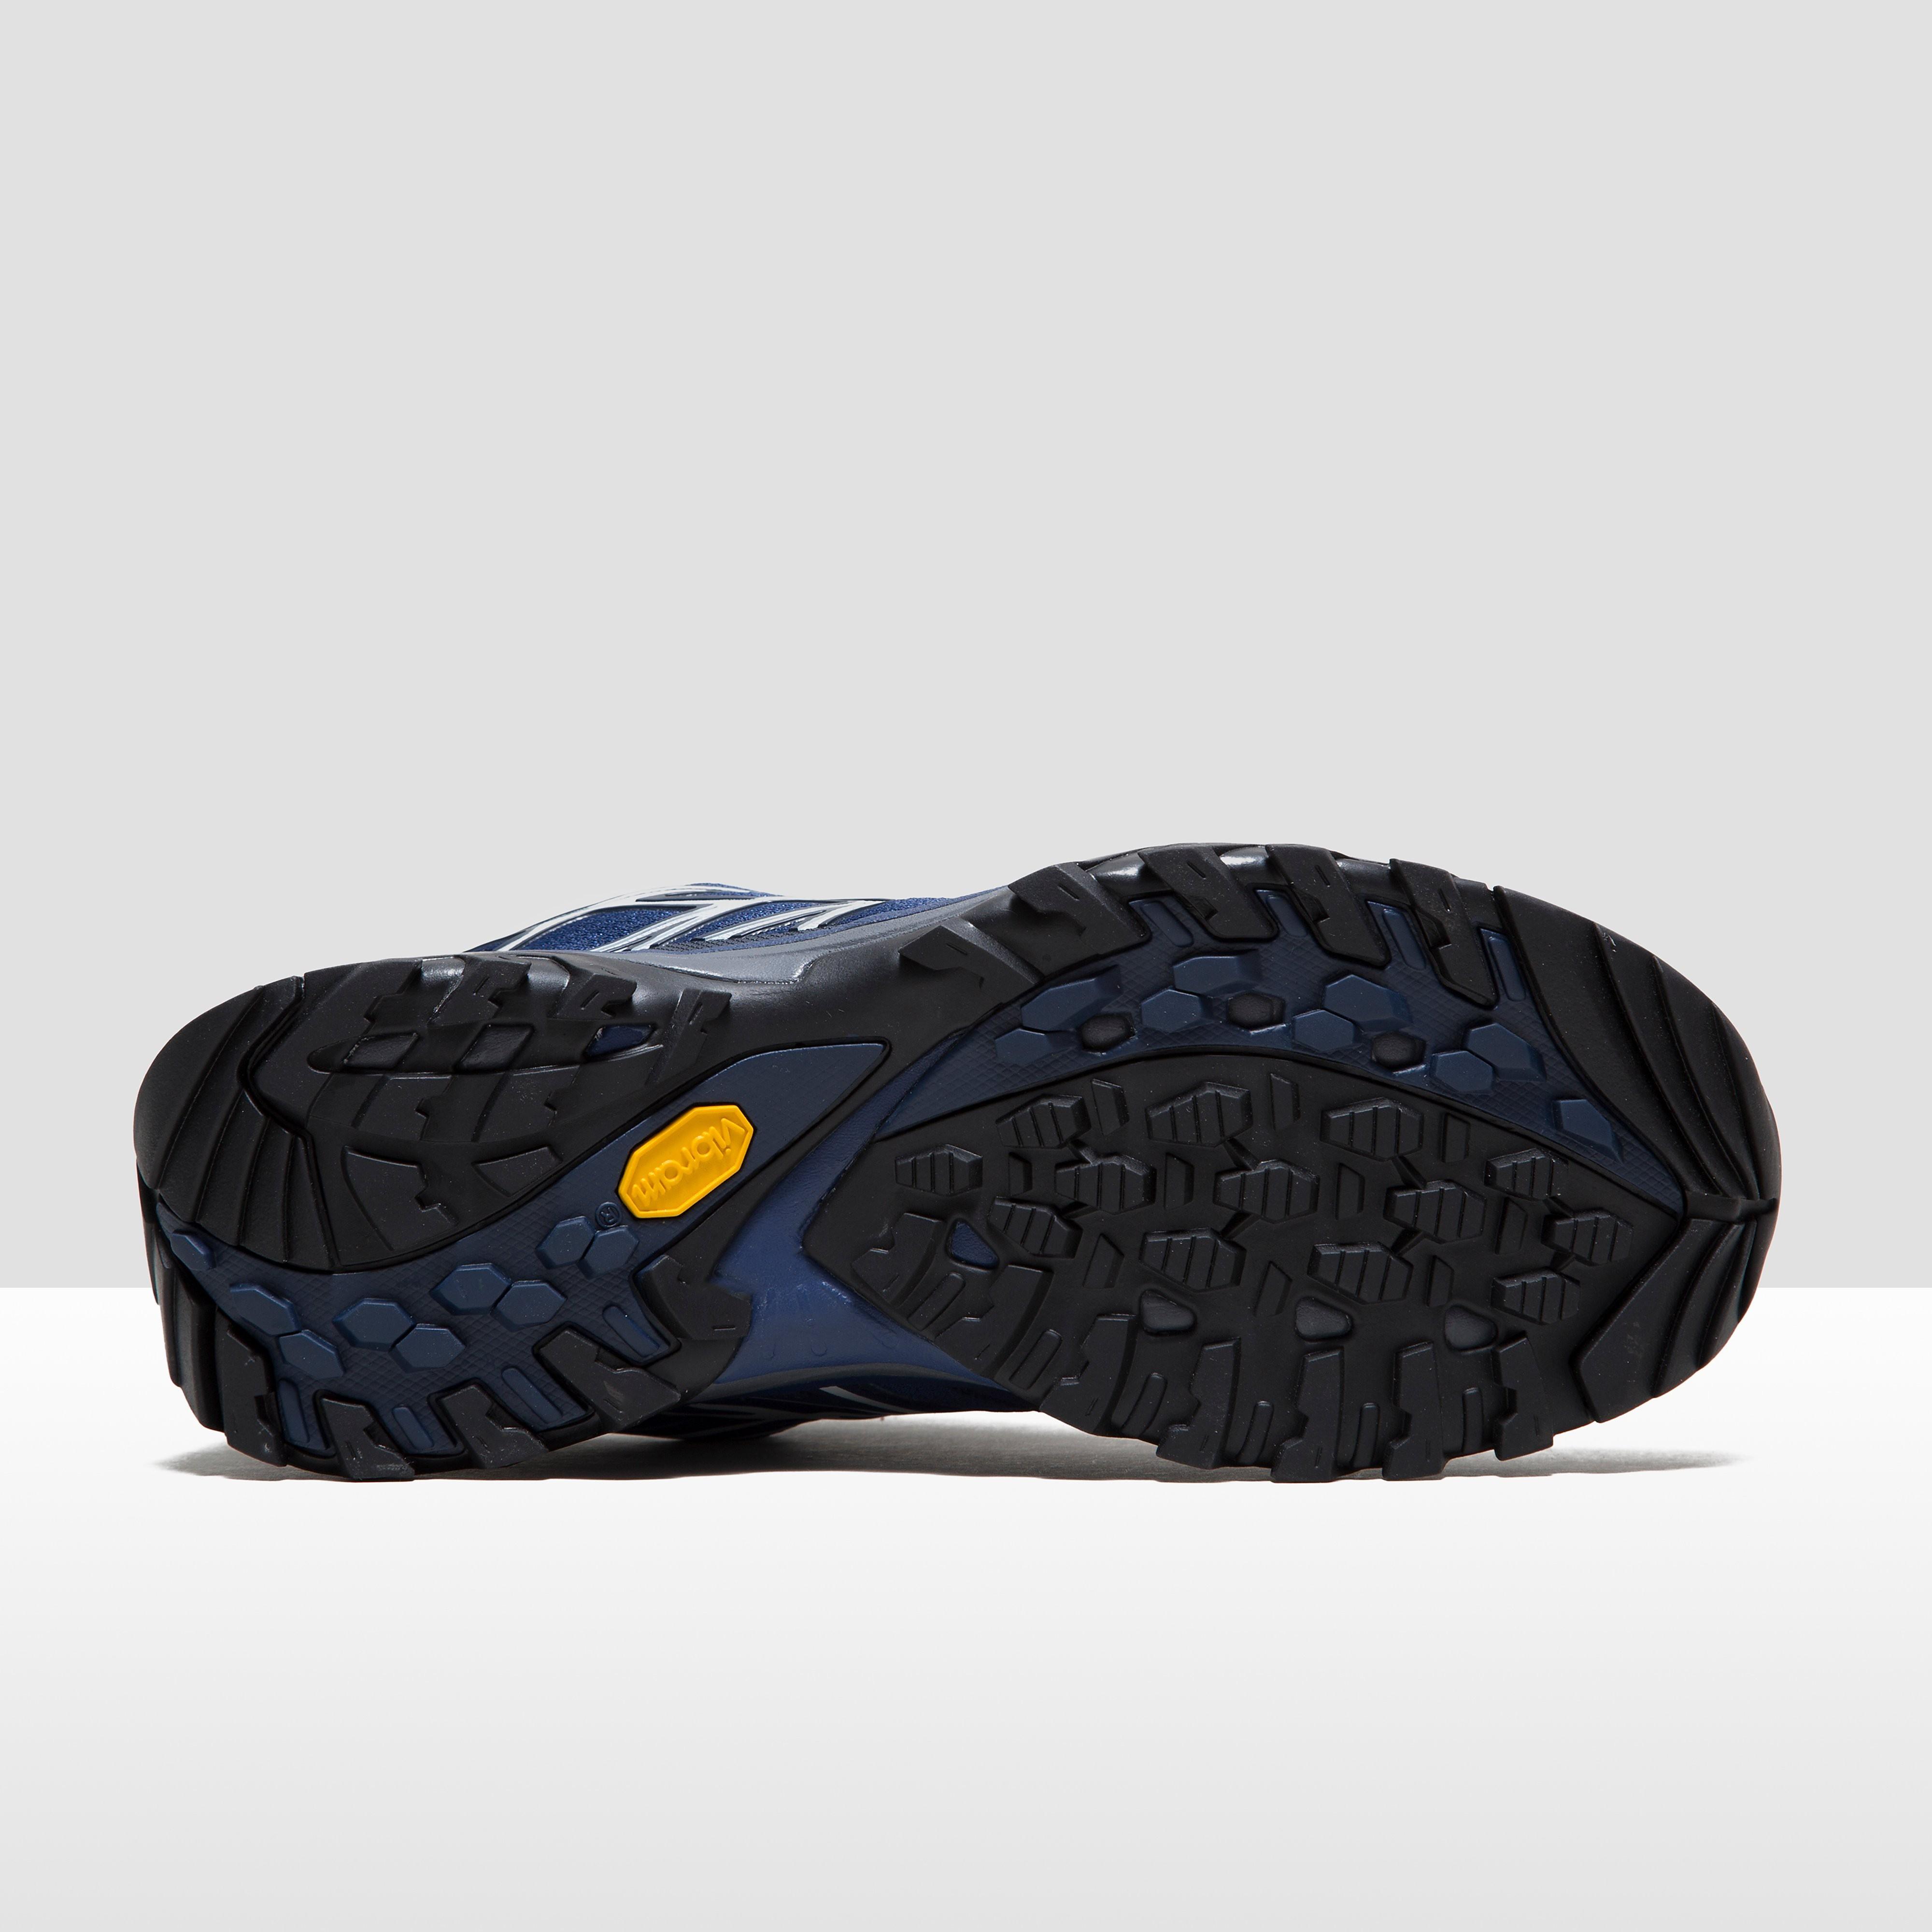 The North Face Hedgehog Fastpack GTX Men's Hiking Shoe